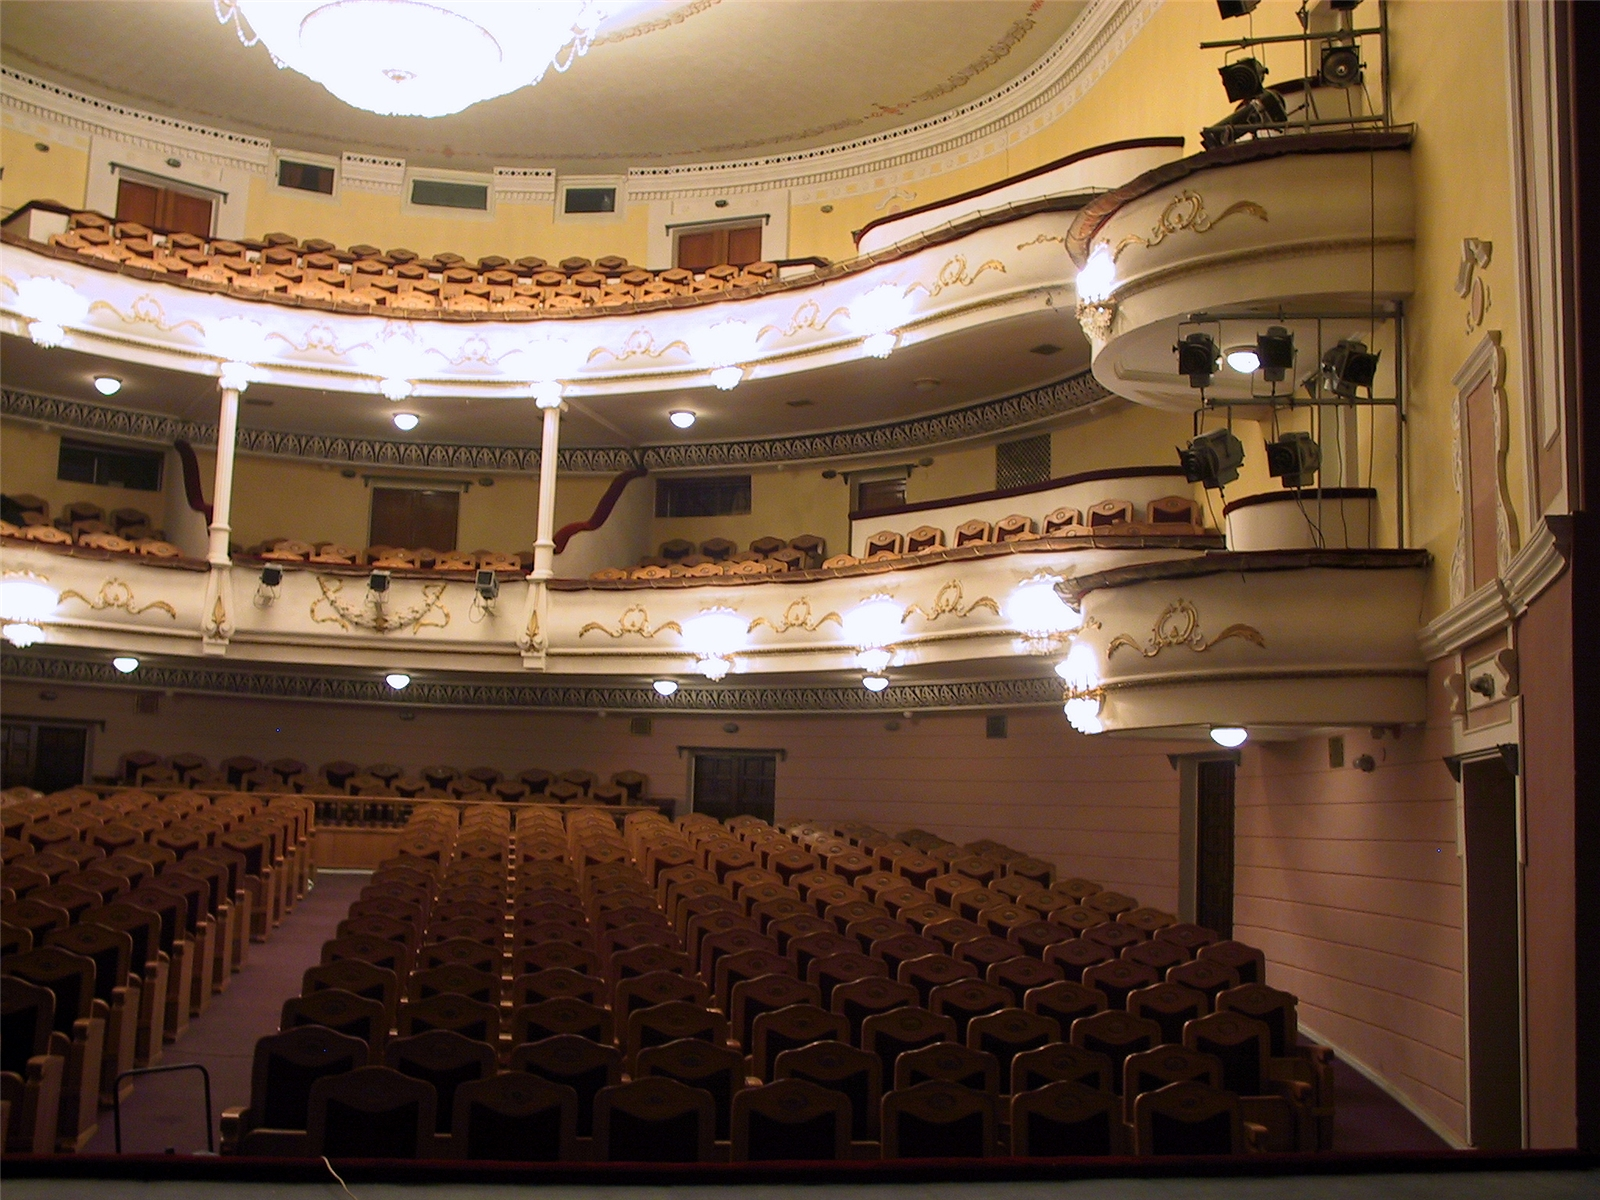 Схема зала бдт основная сцена фото